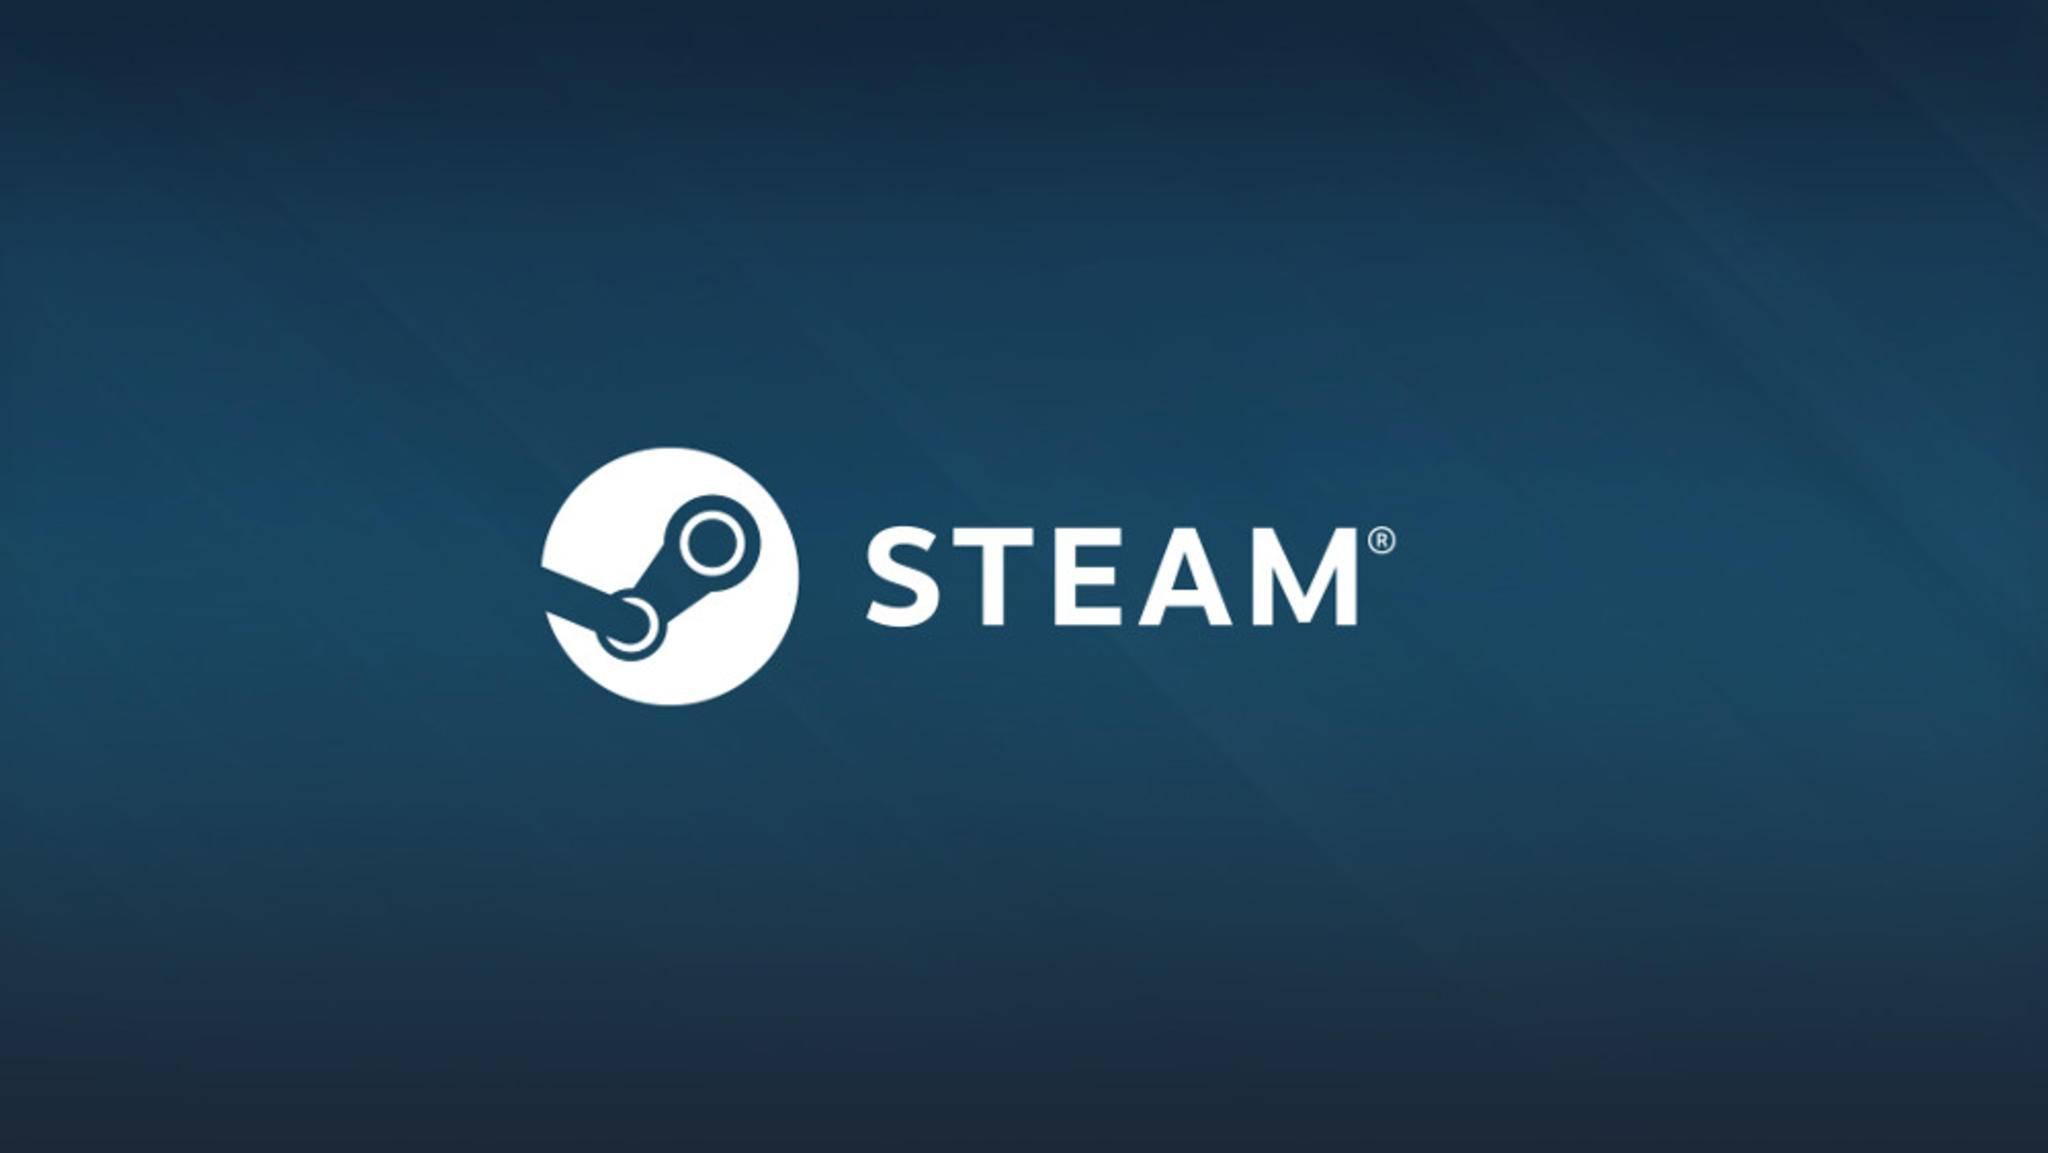 Bei Steam kannst Du Deine Games auch mit Freunden und Familie teilen.